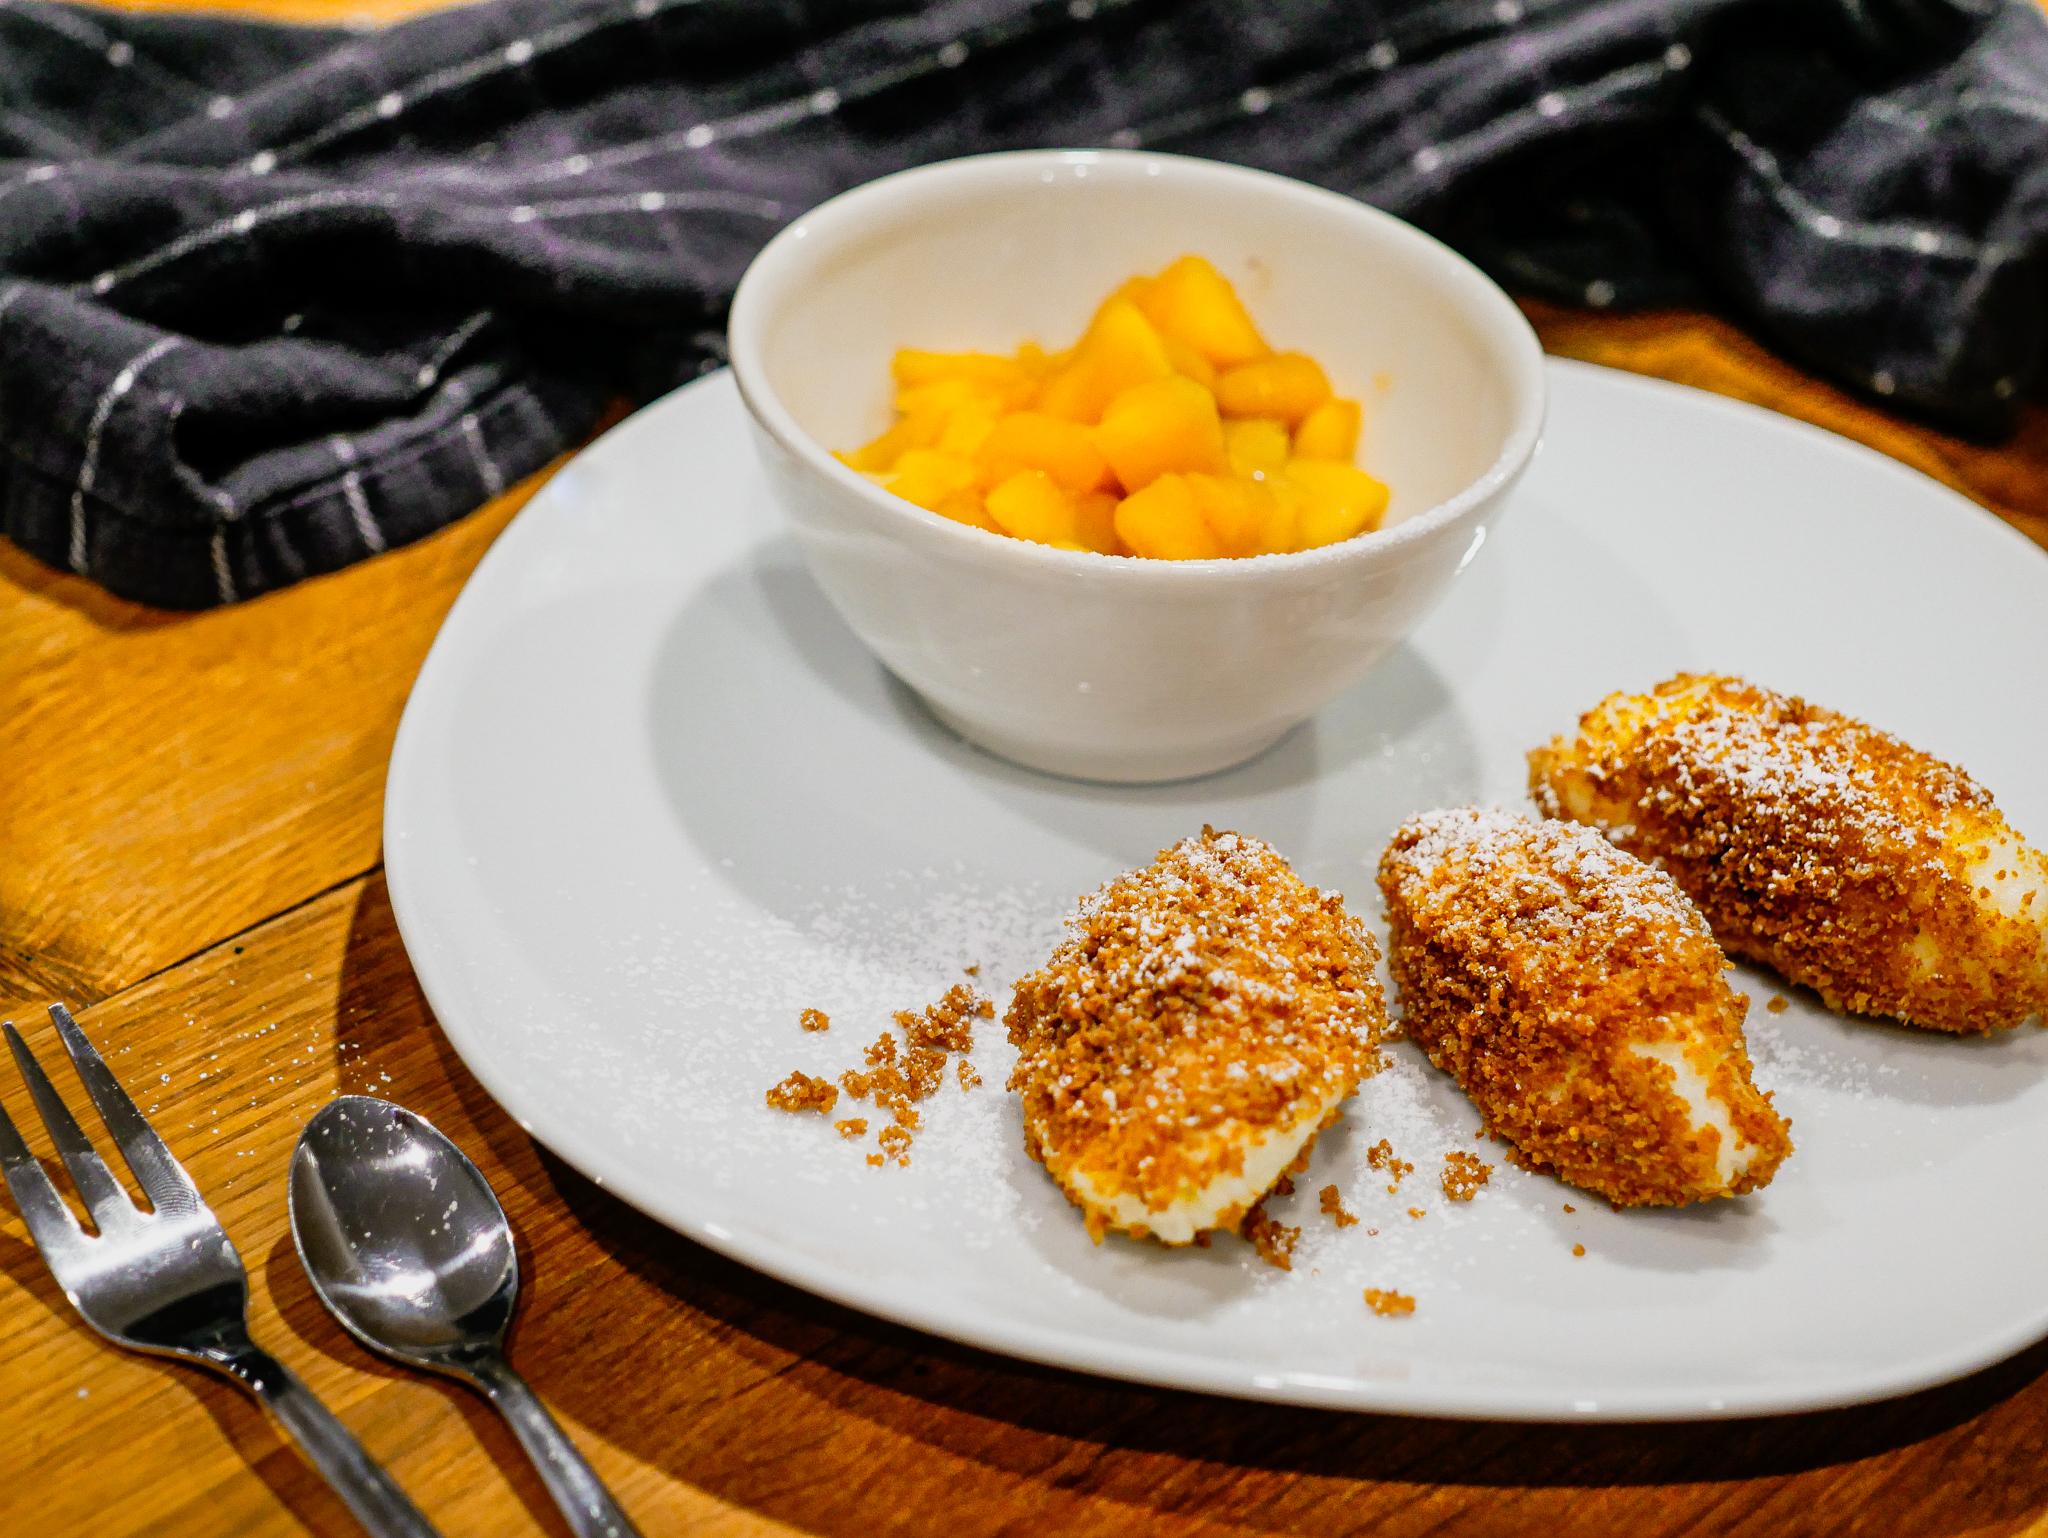 Grießnocken mit Apfelkompott